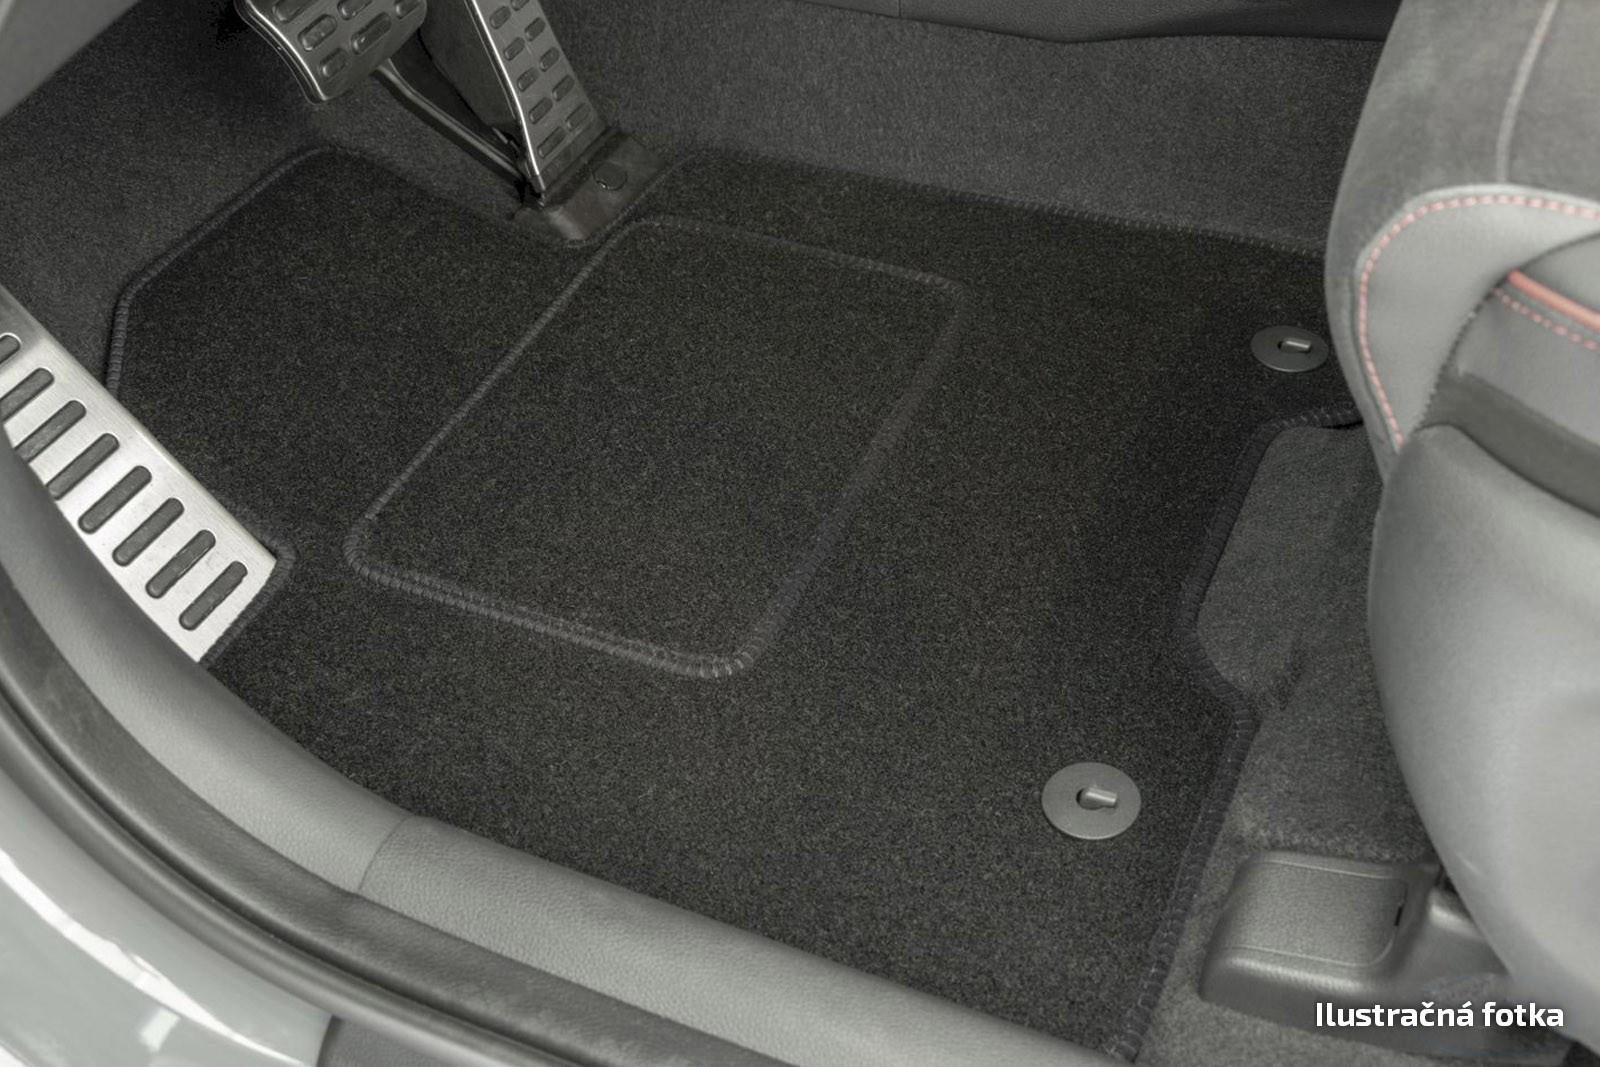 Poza cu Covorase din velur, Fiat Idea, 2005-2012